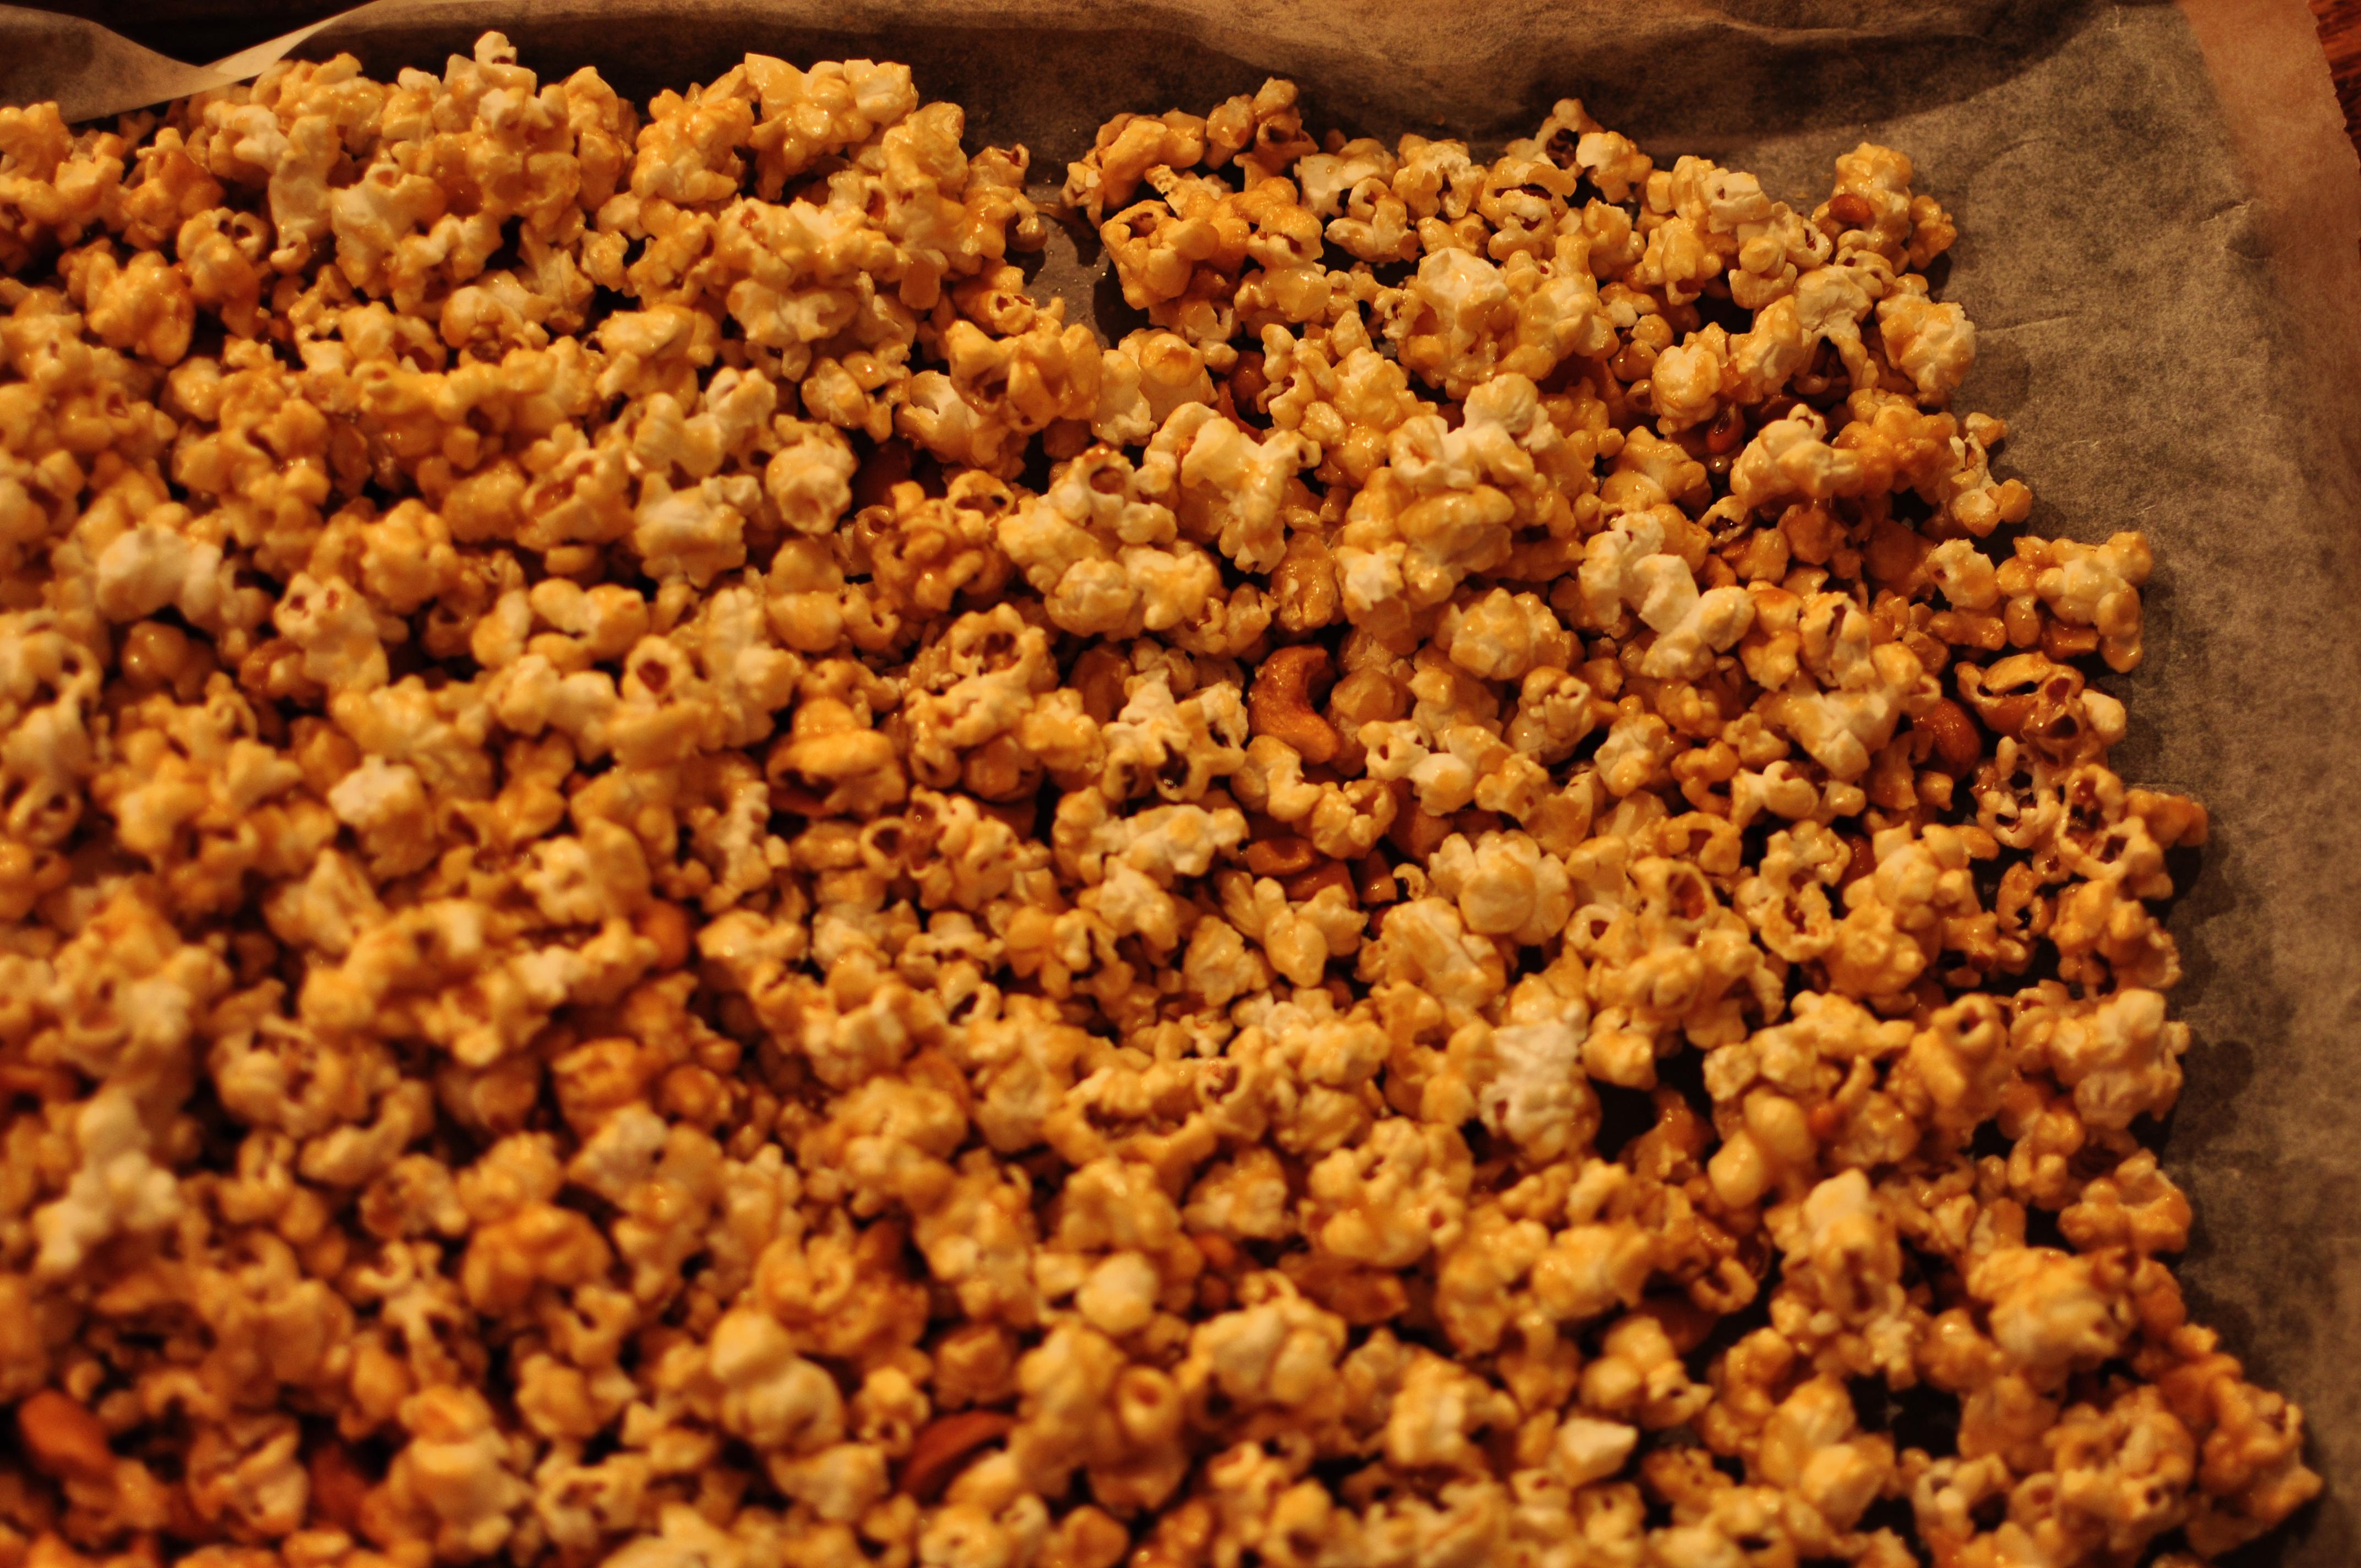 Caramel Corn with Cashews